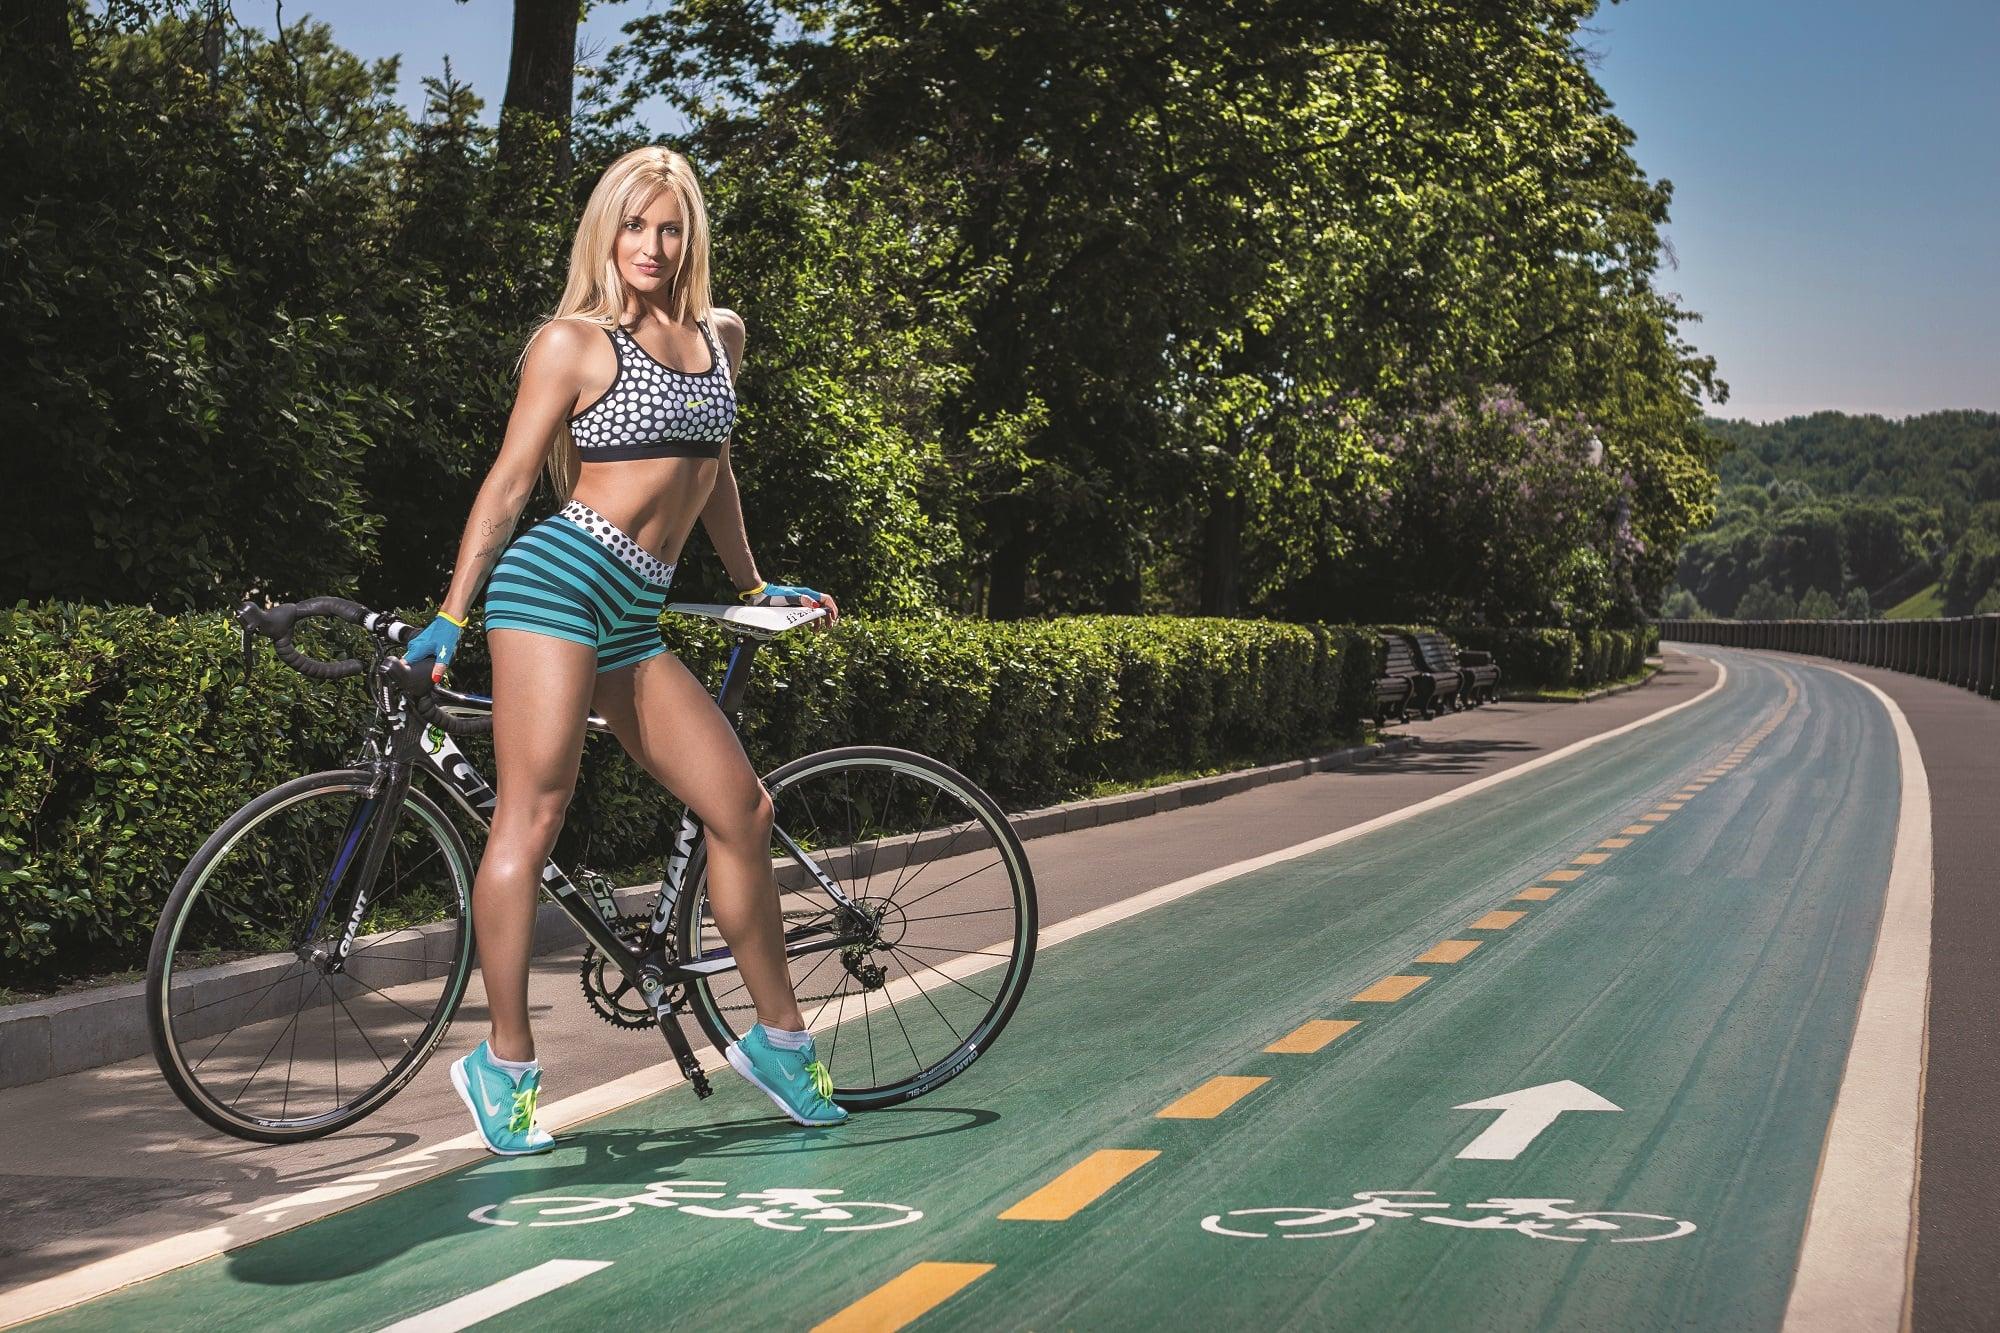 Фитнес бикини Екатерина Лаптева биография фото тренировки и питание спортсменки